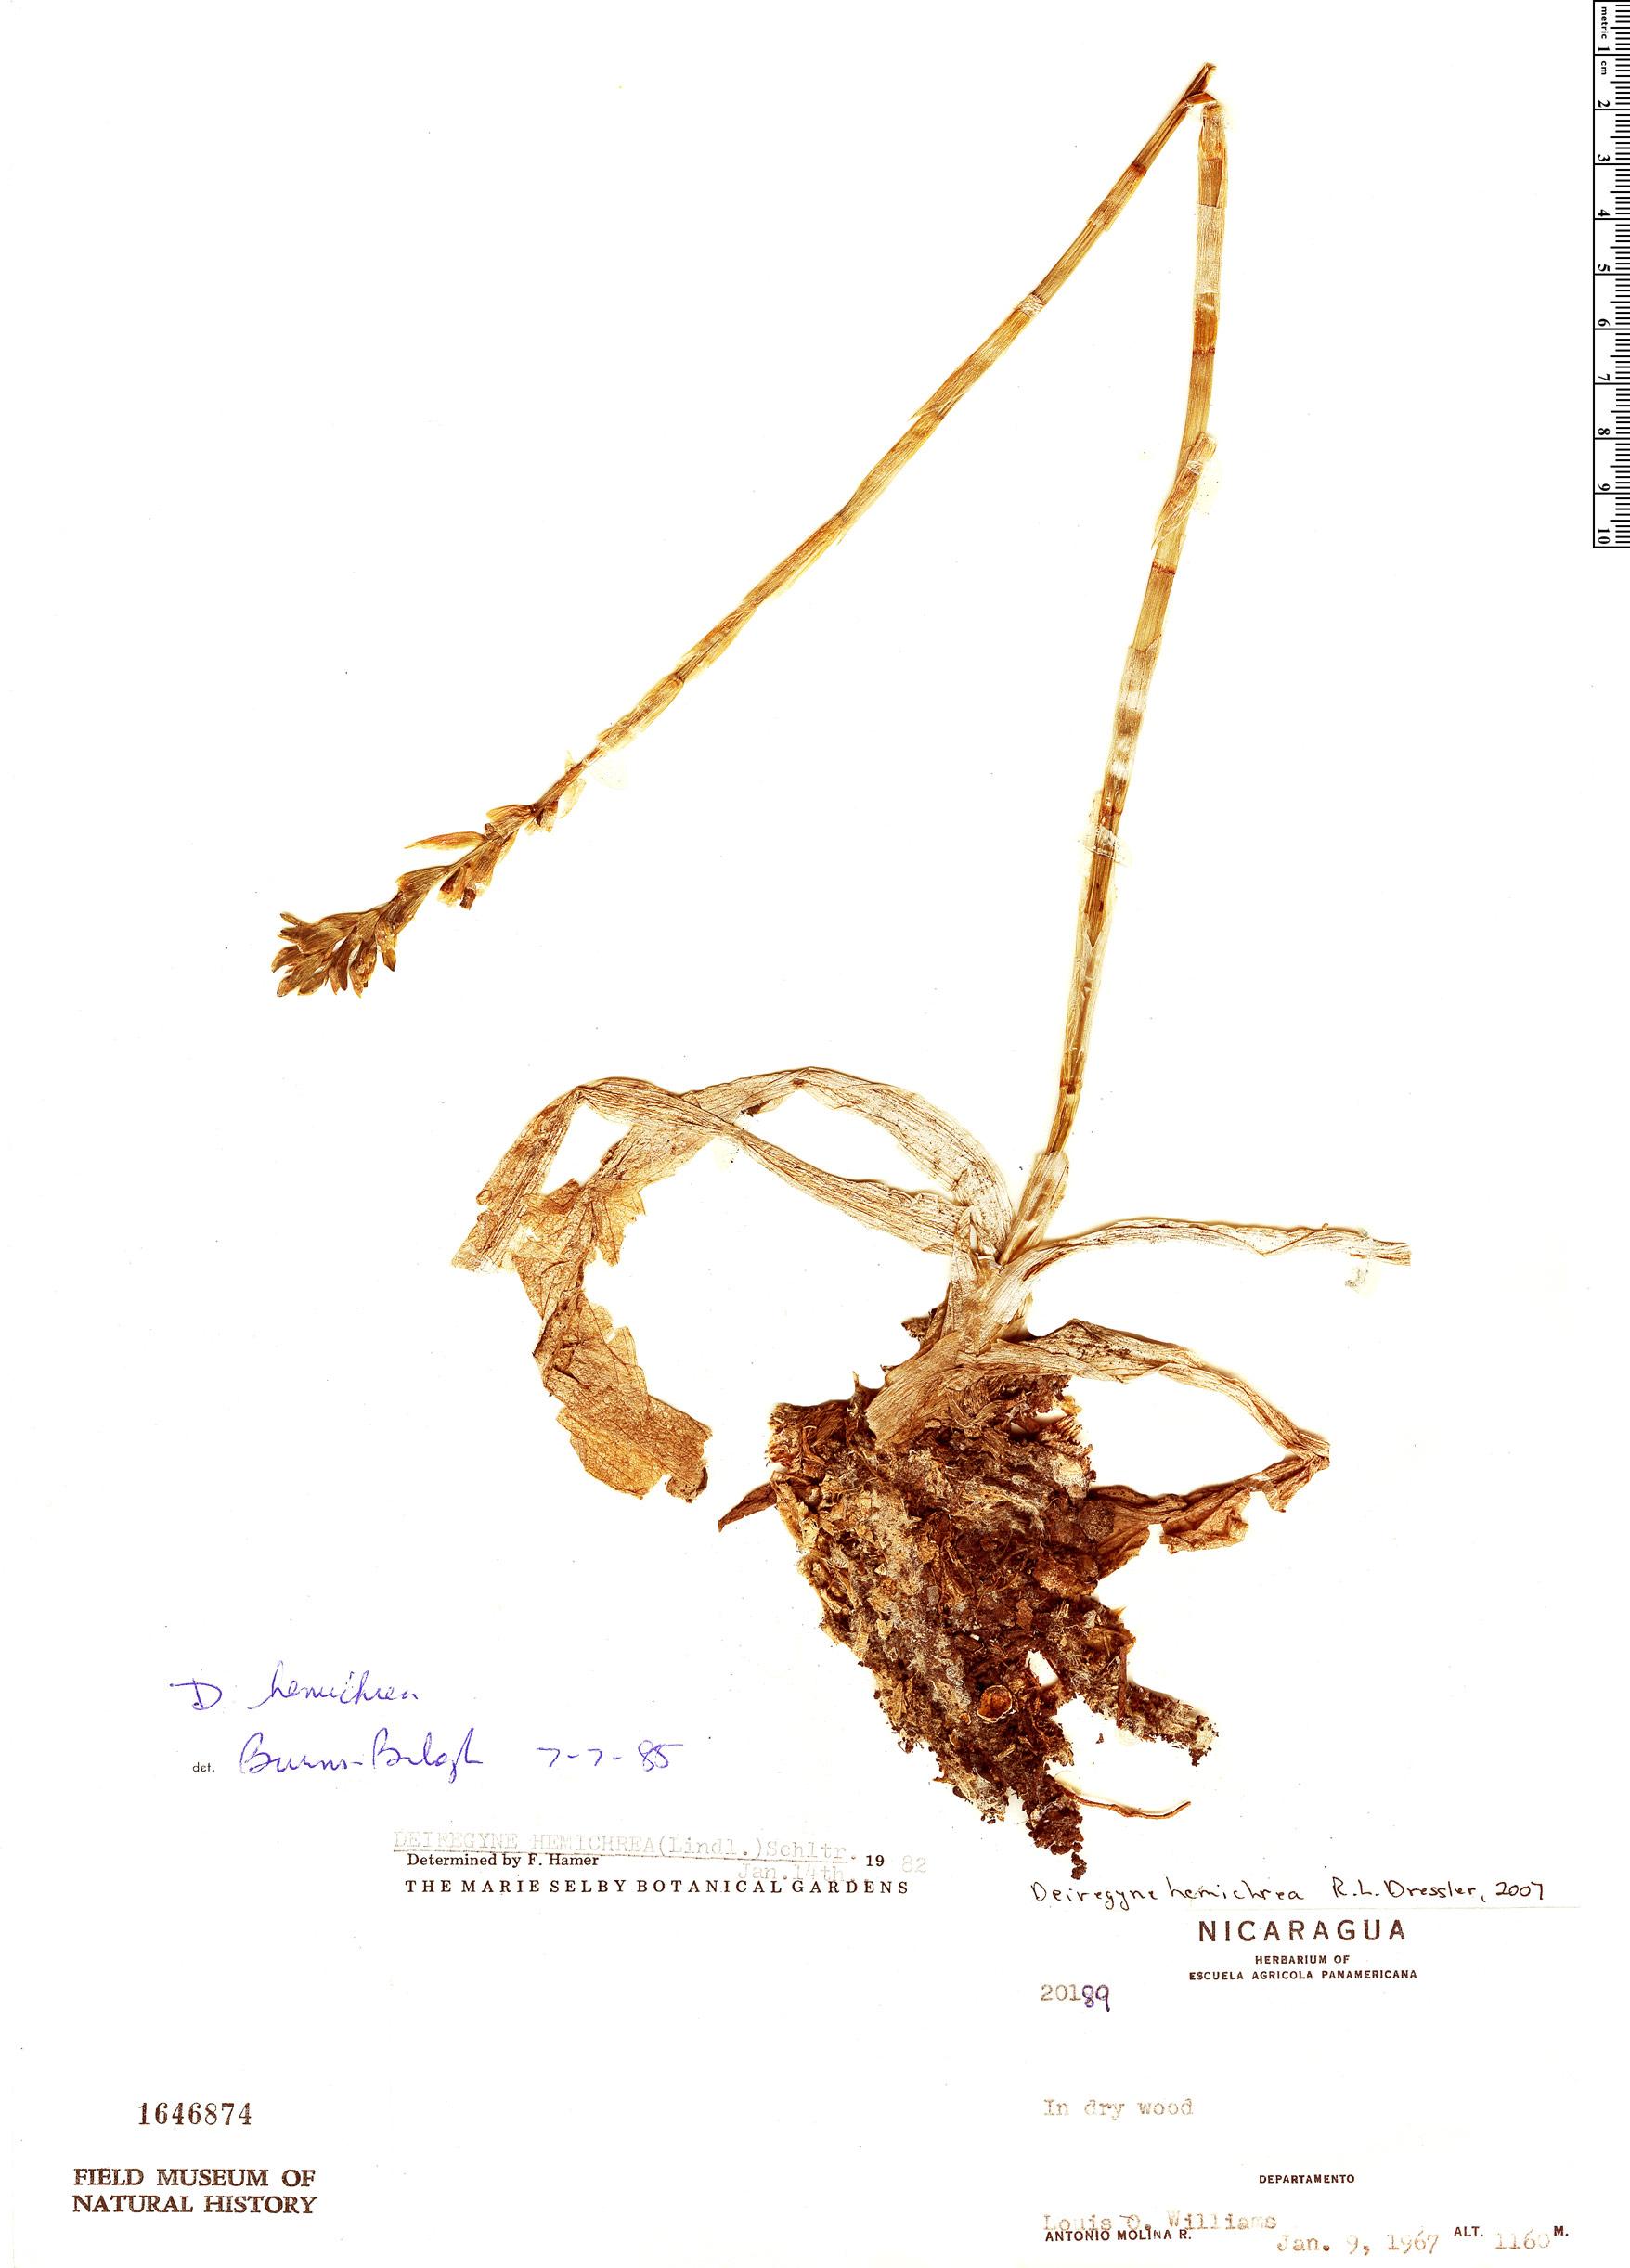 Specimen: Aulosepalum hemichreum